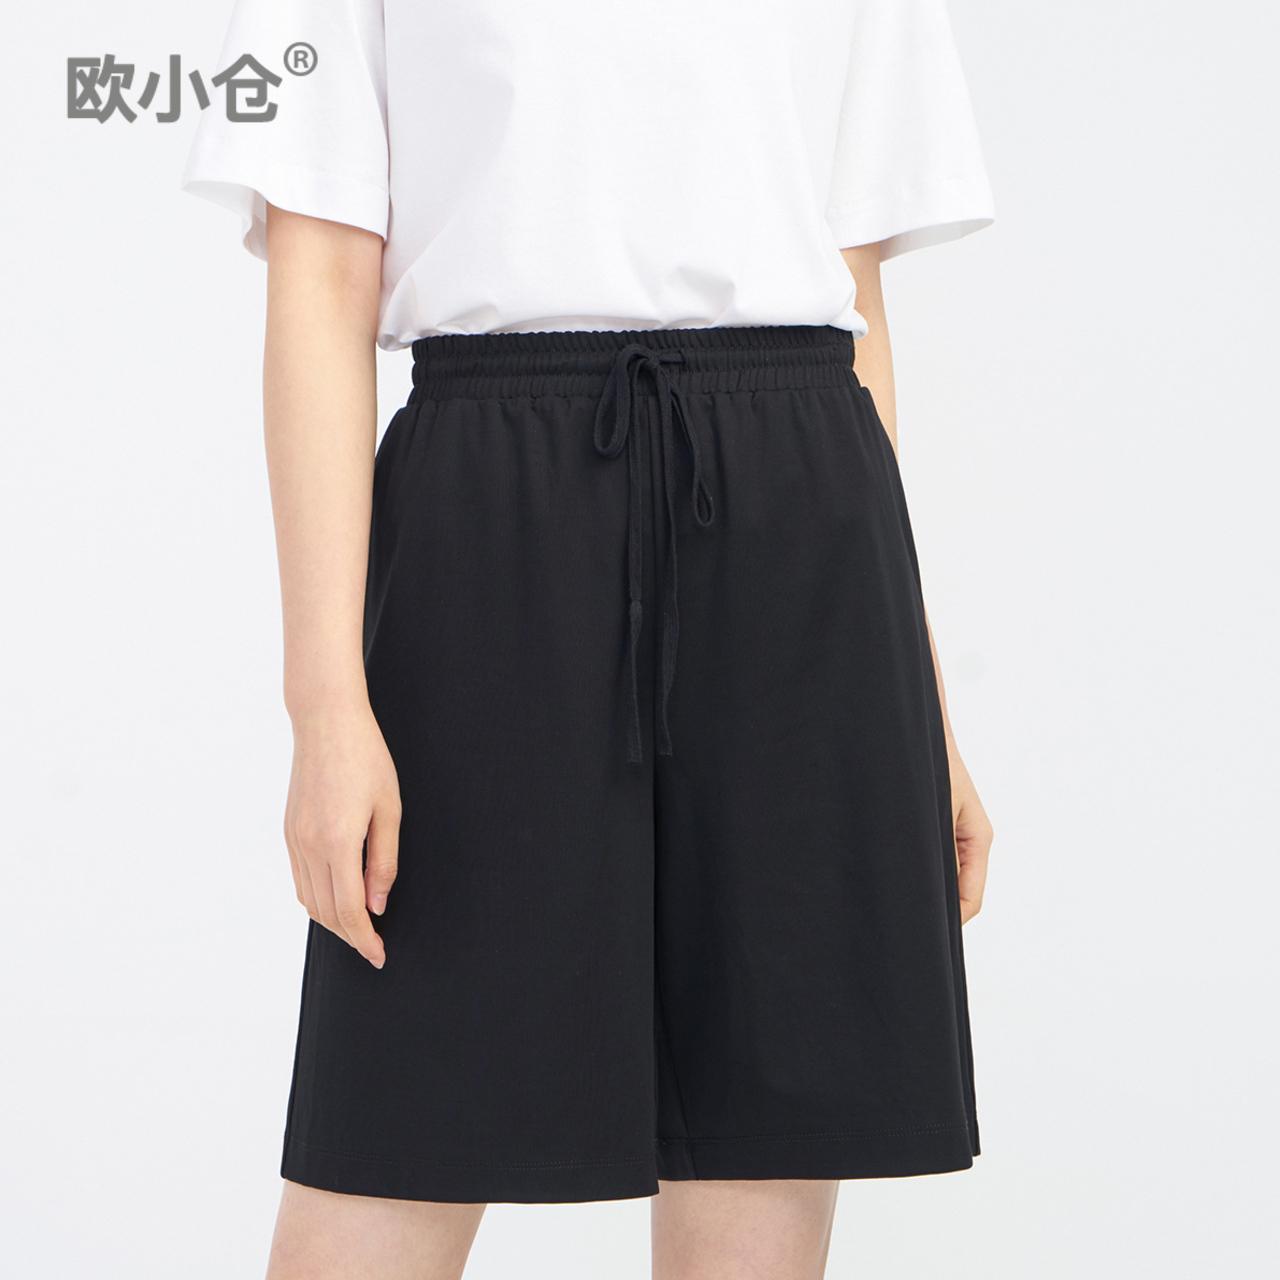 OXC 欧小仓针织五分运动短裤女夏季薄款黑色阔腿跑步直筒休闲中裤